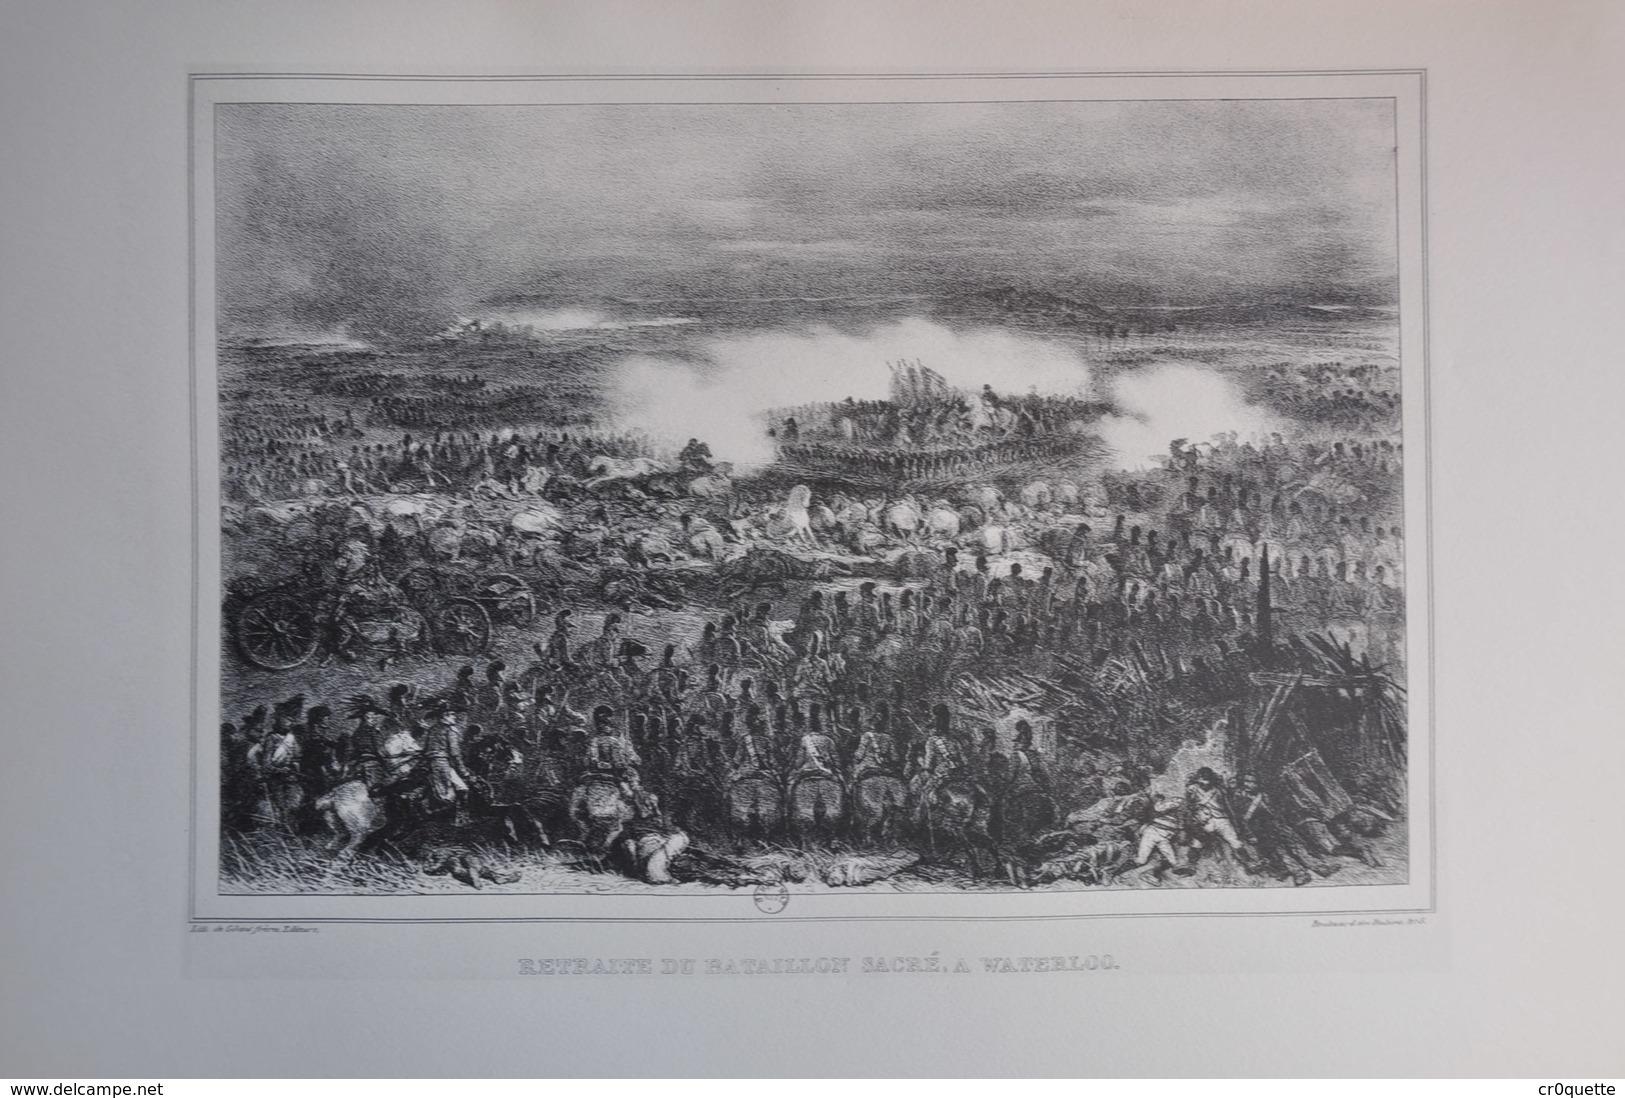 GRAVURE 1208 / RETRAITE DU BATAILLON SACRE A WATERLOO Par DENIS RAFFET - Prints & Engravings